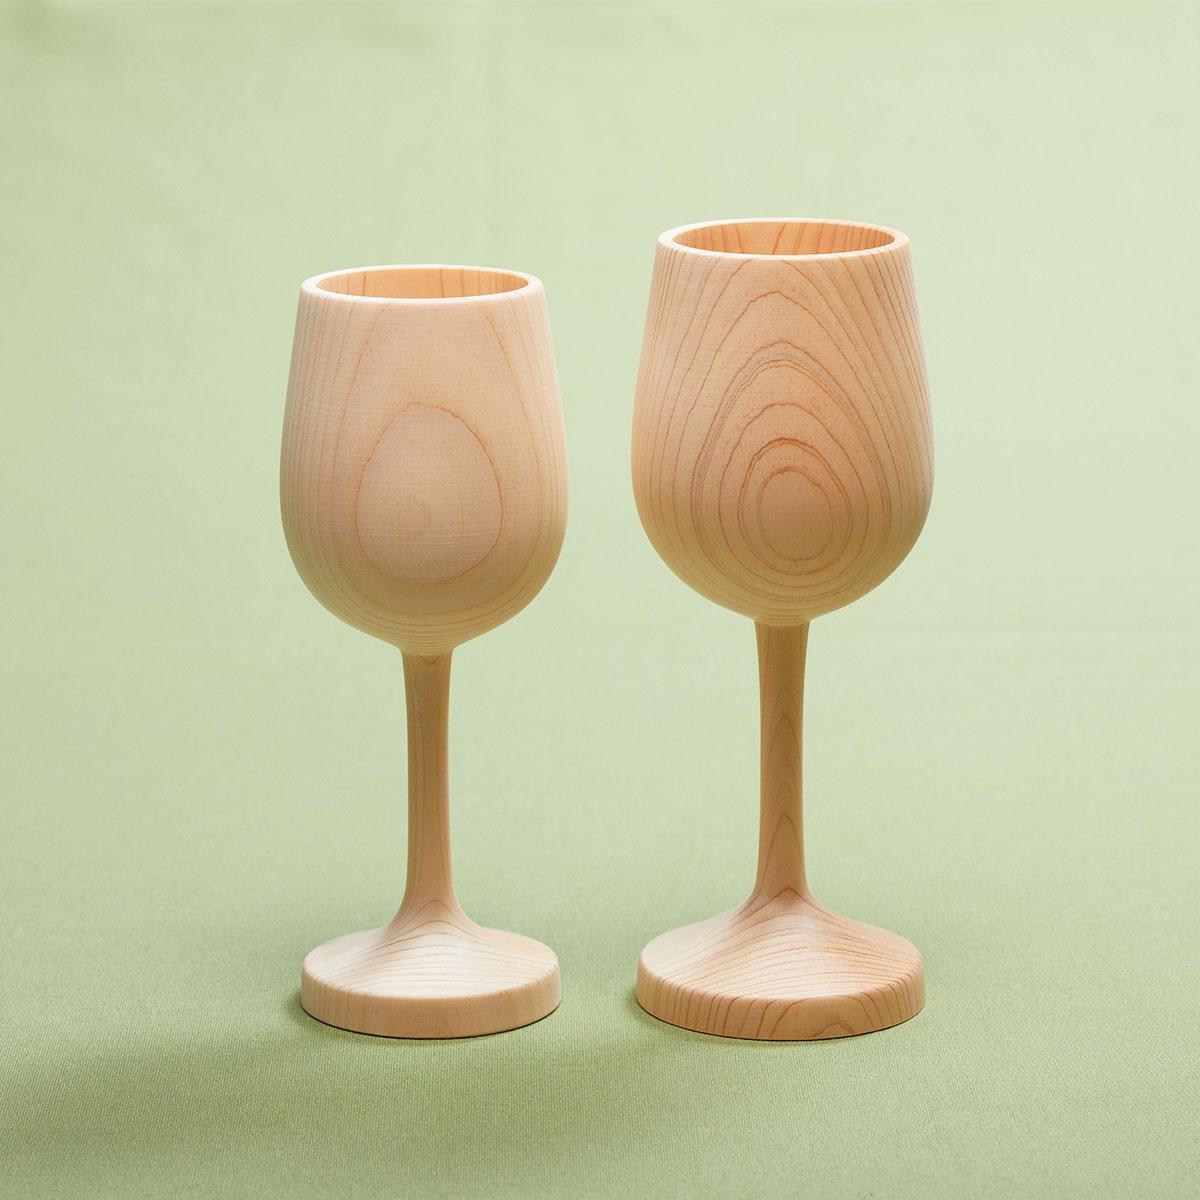 桐村製材 京都丹州桧 ワイングラス風ぐい呑み 大小セット〔内径5.0cm×高さ17cm・内径4.5cm×高さ15cm〕